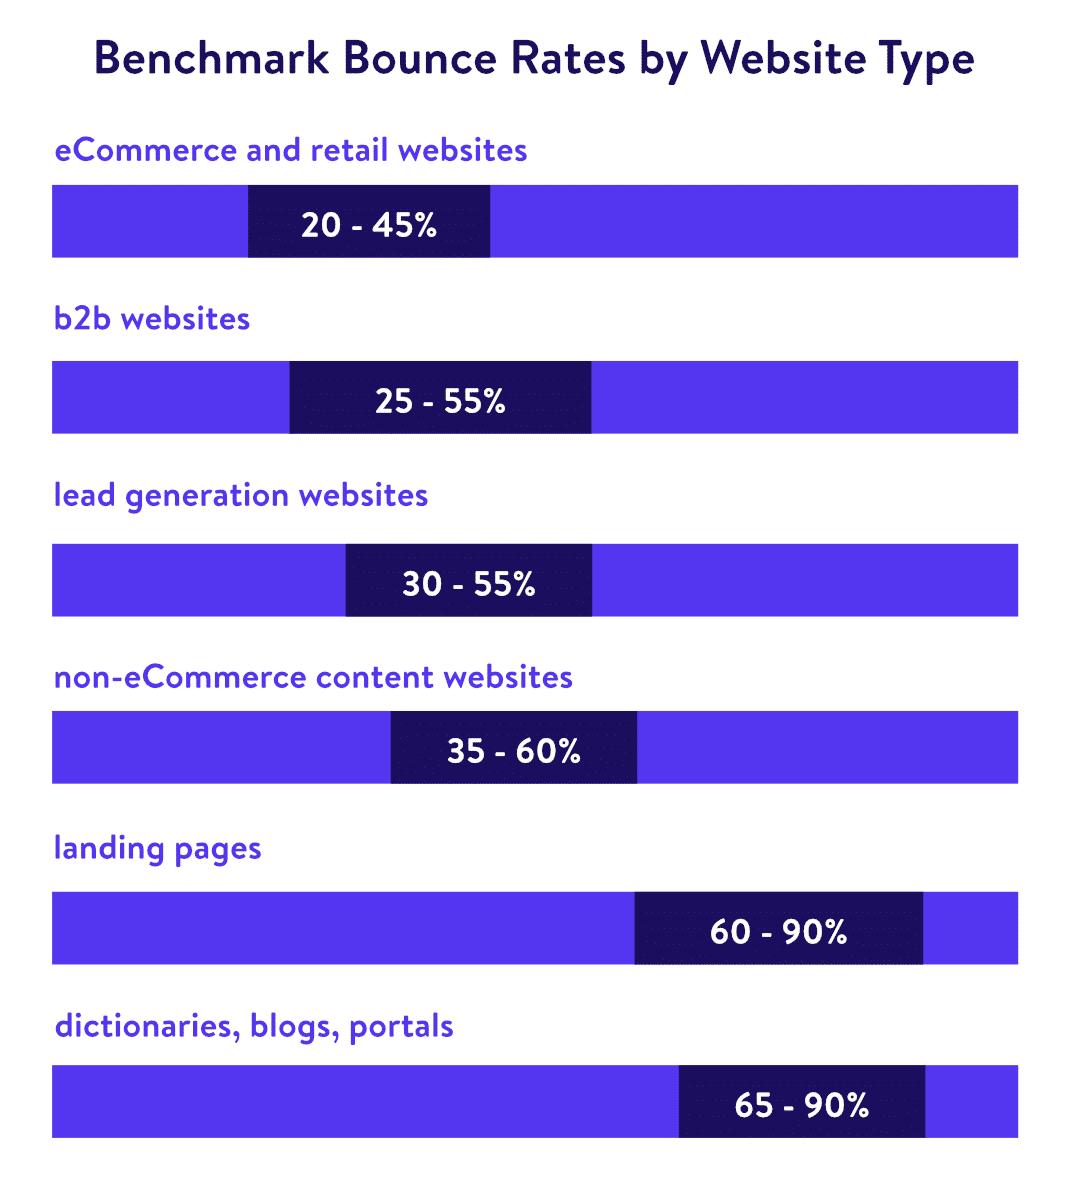 Tasa de rebote medio según el tipo de sitio (Fuente: custommedialabs)